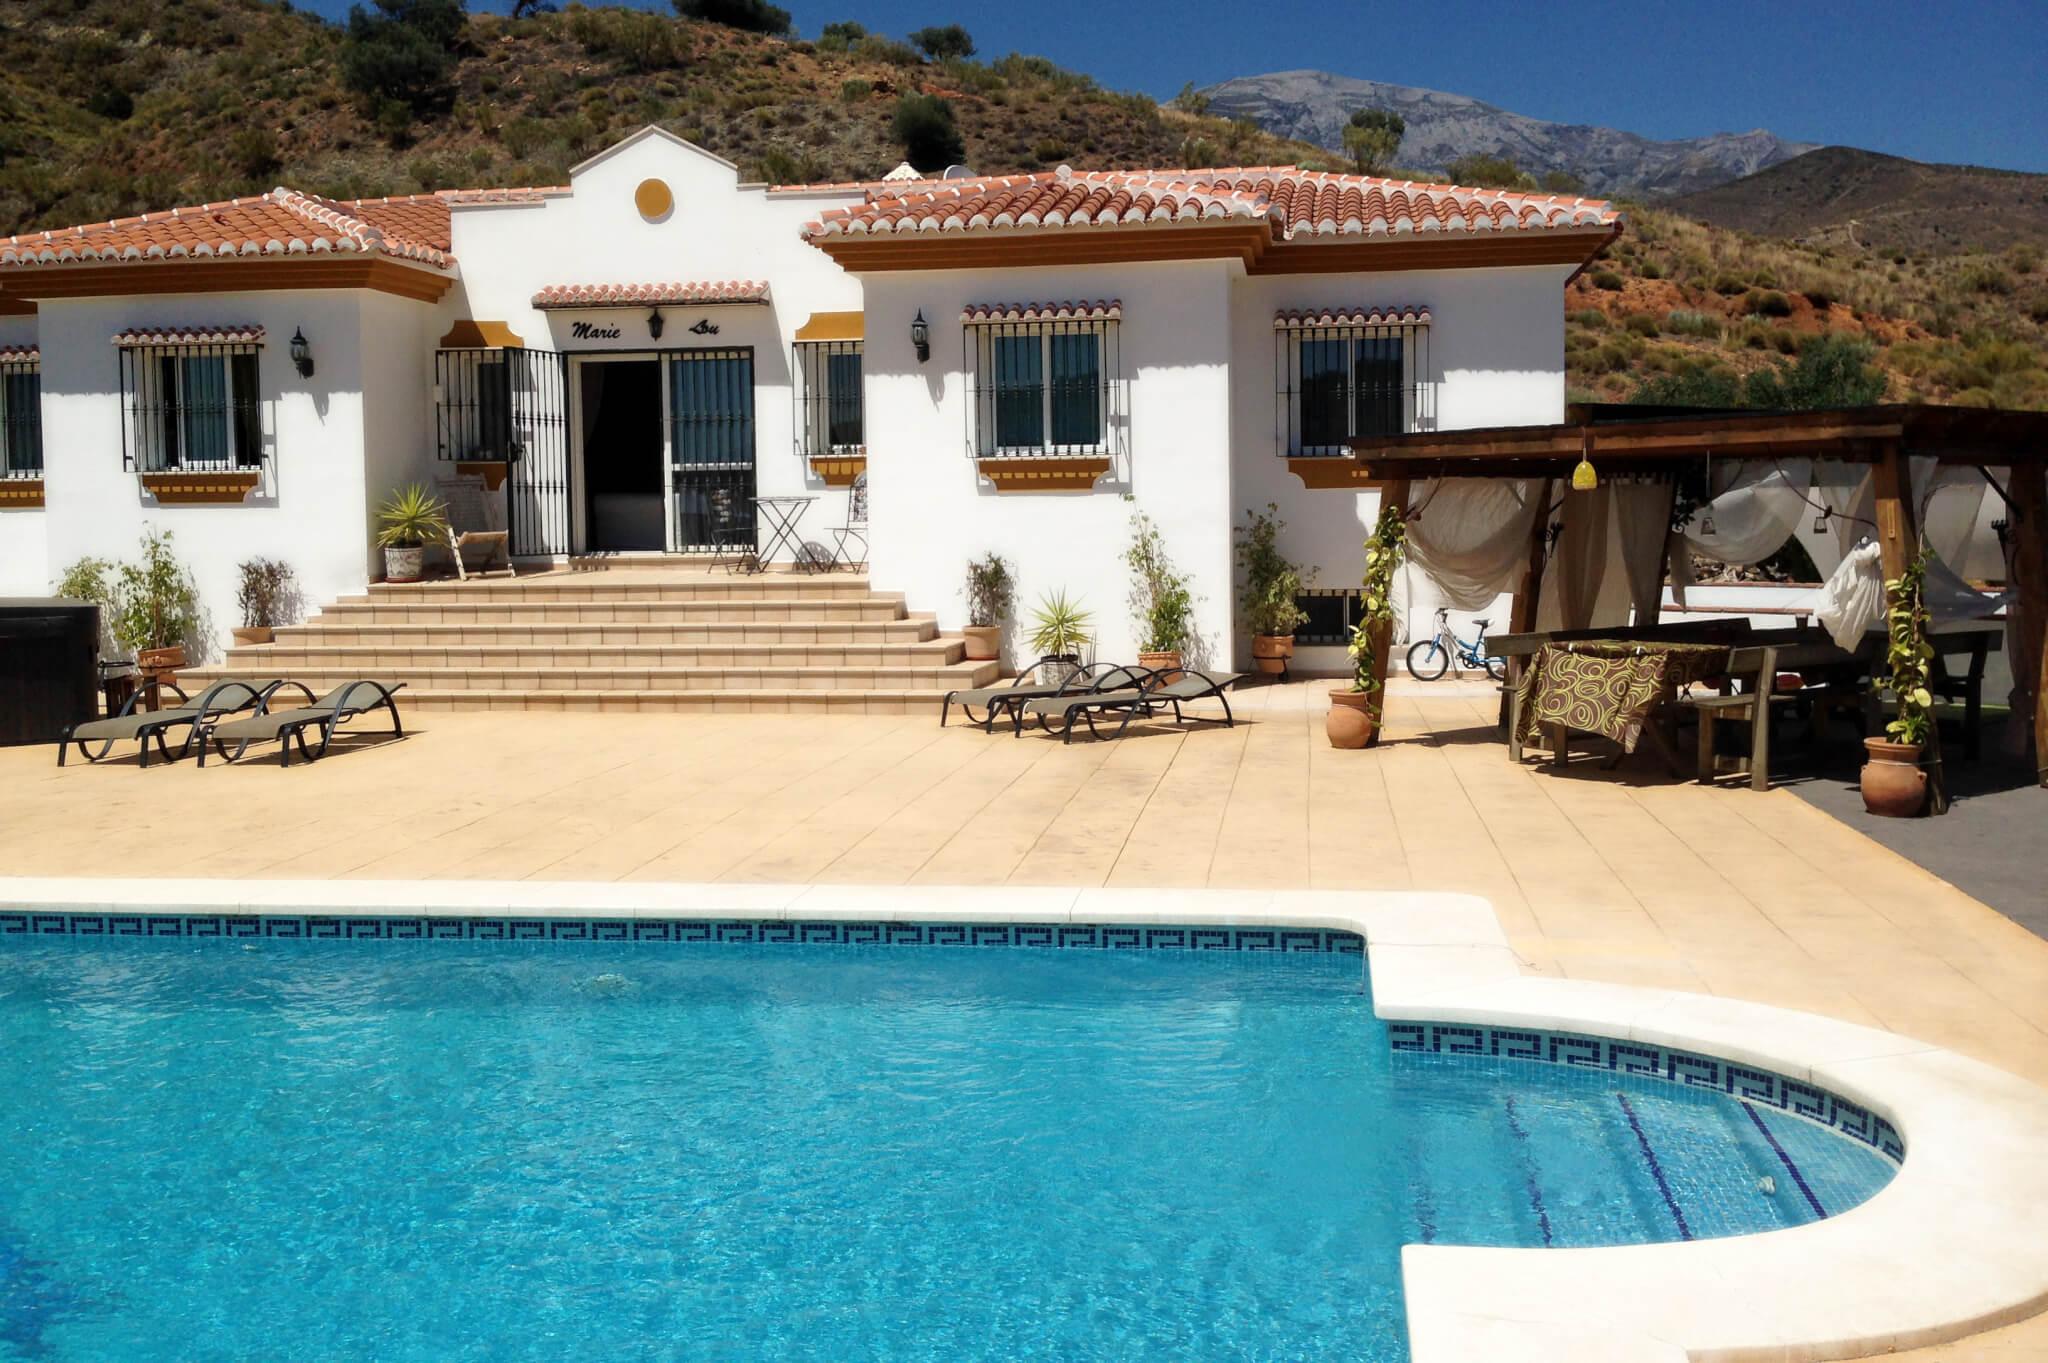 Maison location espagne avec piscine ventana blog for Villa a louer a casablanca avec piscine